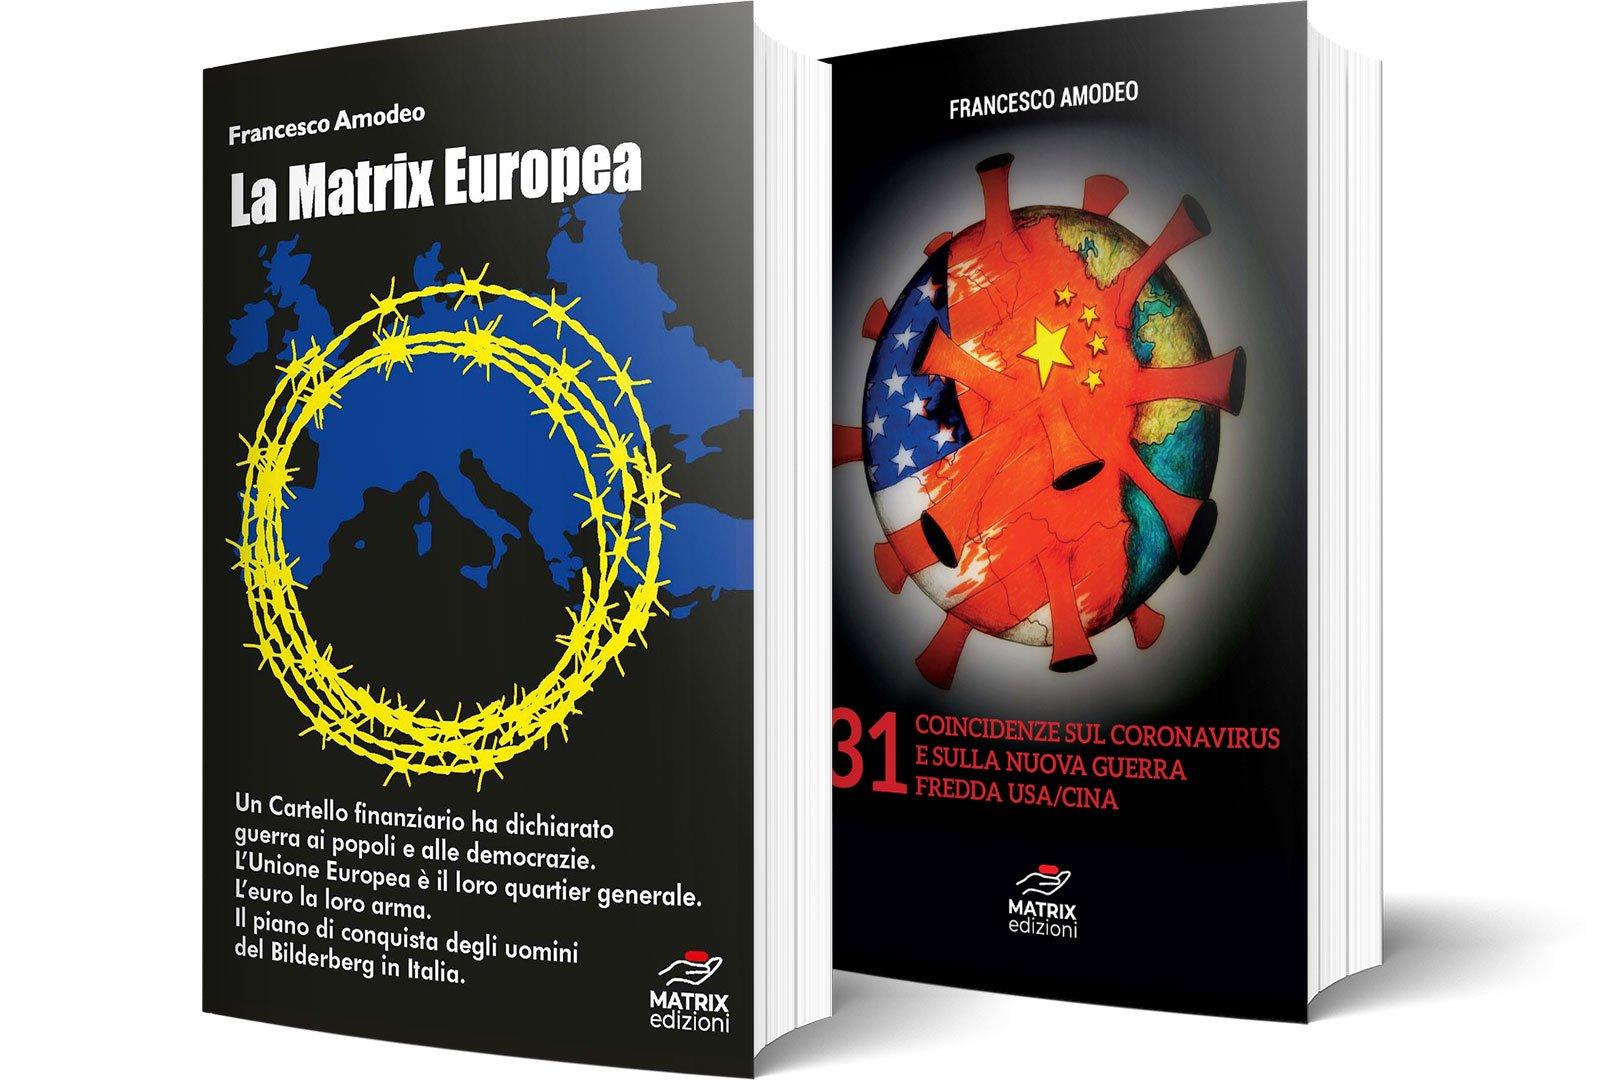 Pacchetto Contro-informazione (La Matrix Europea + 31 Coincidenze sul  Coronavirus e sulla nuova Guerra Fredda Usa/Cina) - Francesco Amodeo    Giornalista d'inchiesta